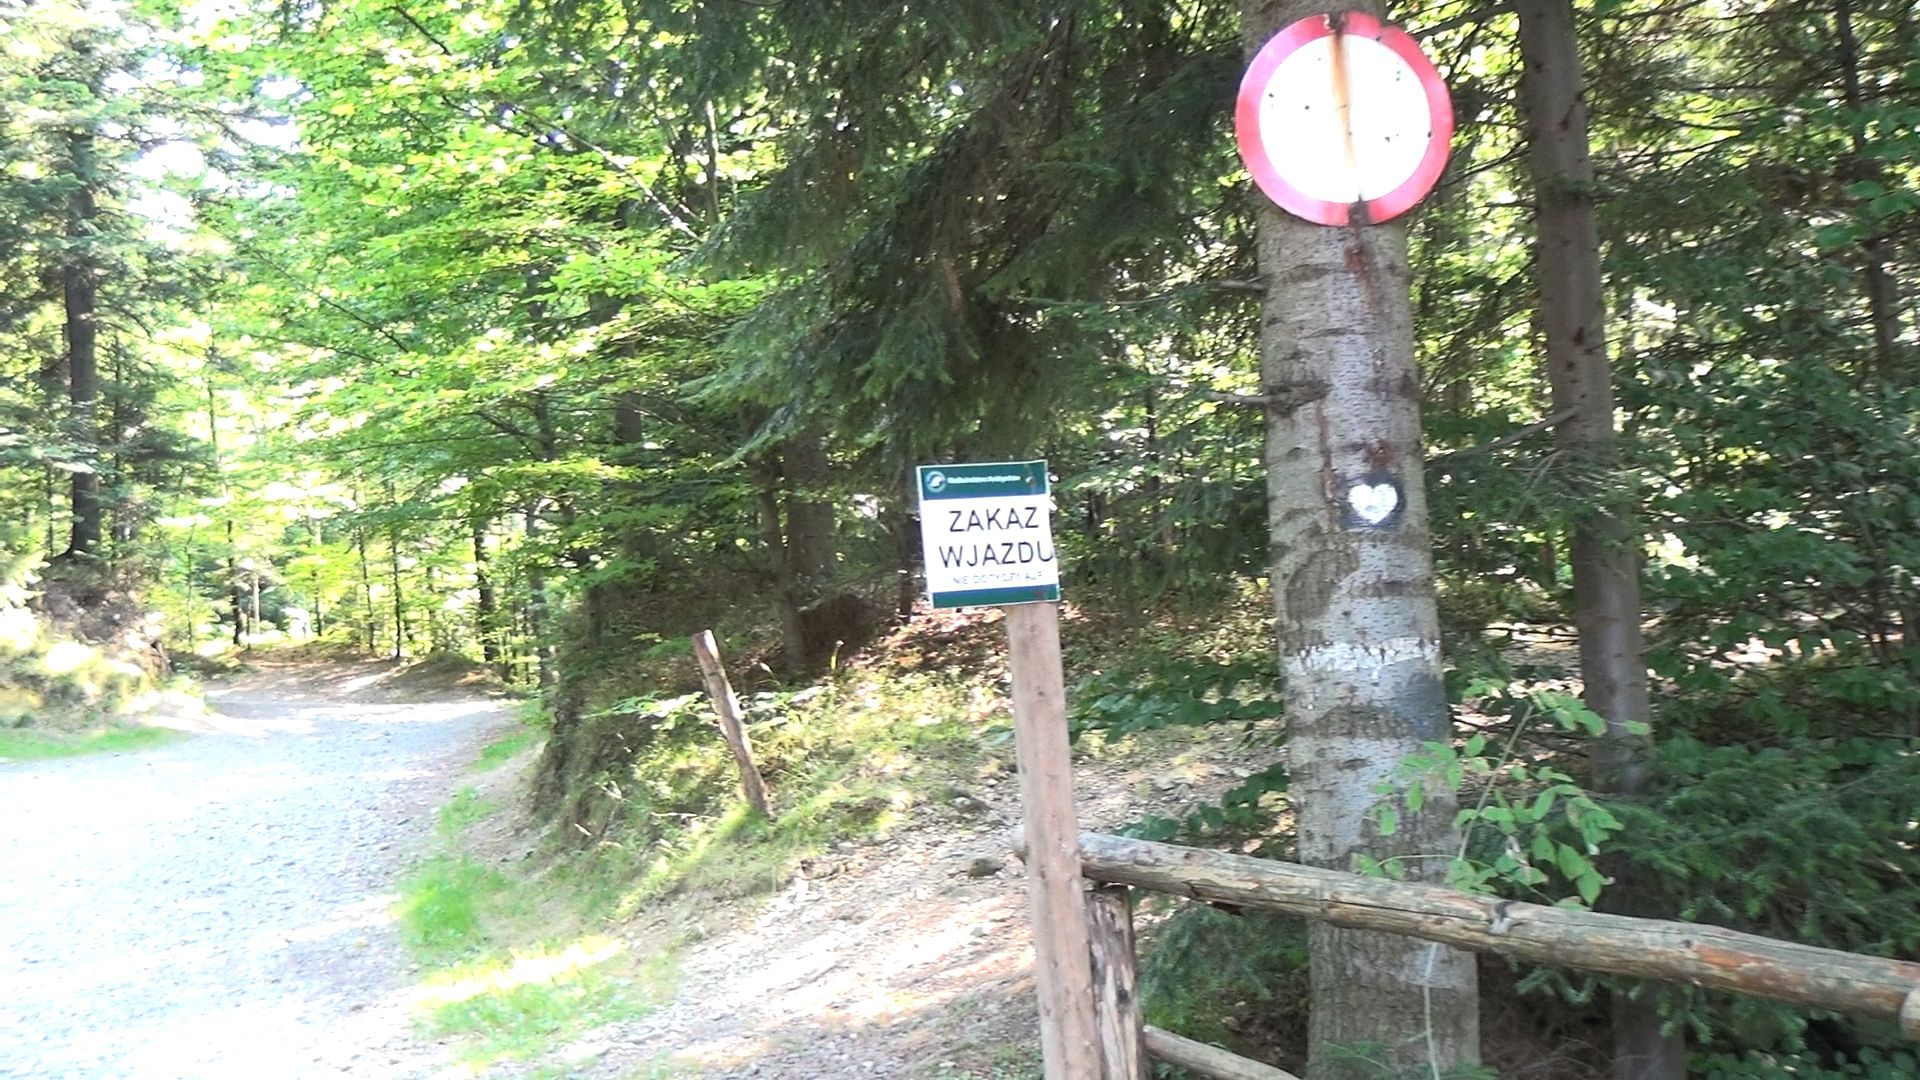 Mieszkańcy mają dość  quadów i motocykli crossowych w lasach i na szlakach turystycznych